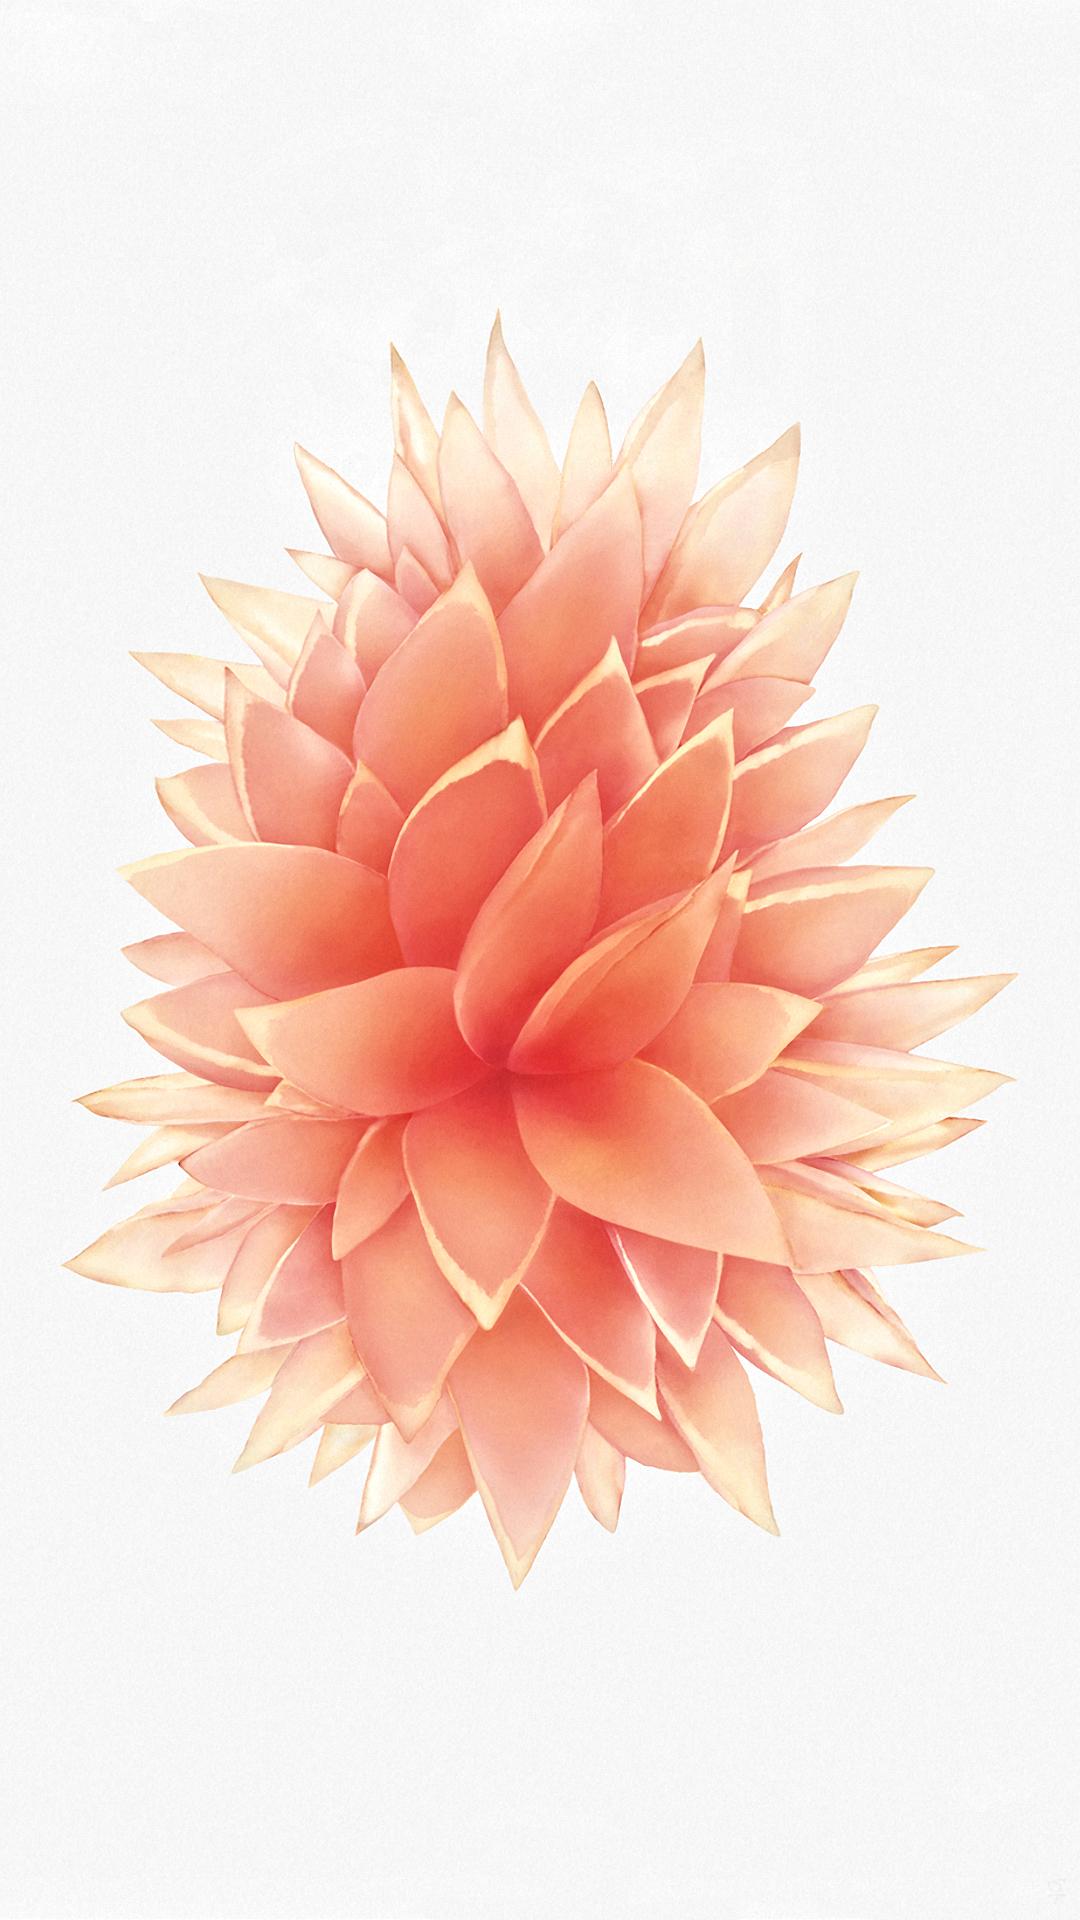 IPhone 6 7 Plus Wallpaper Request Thread